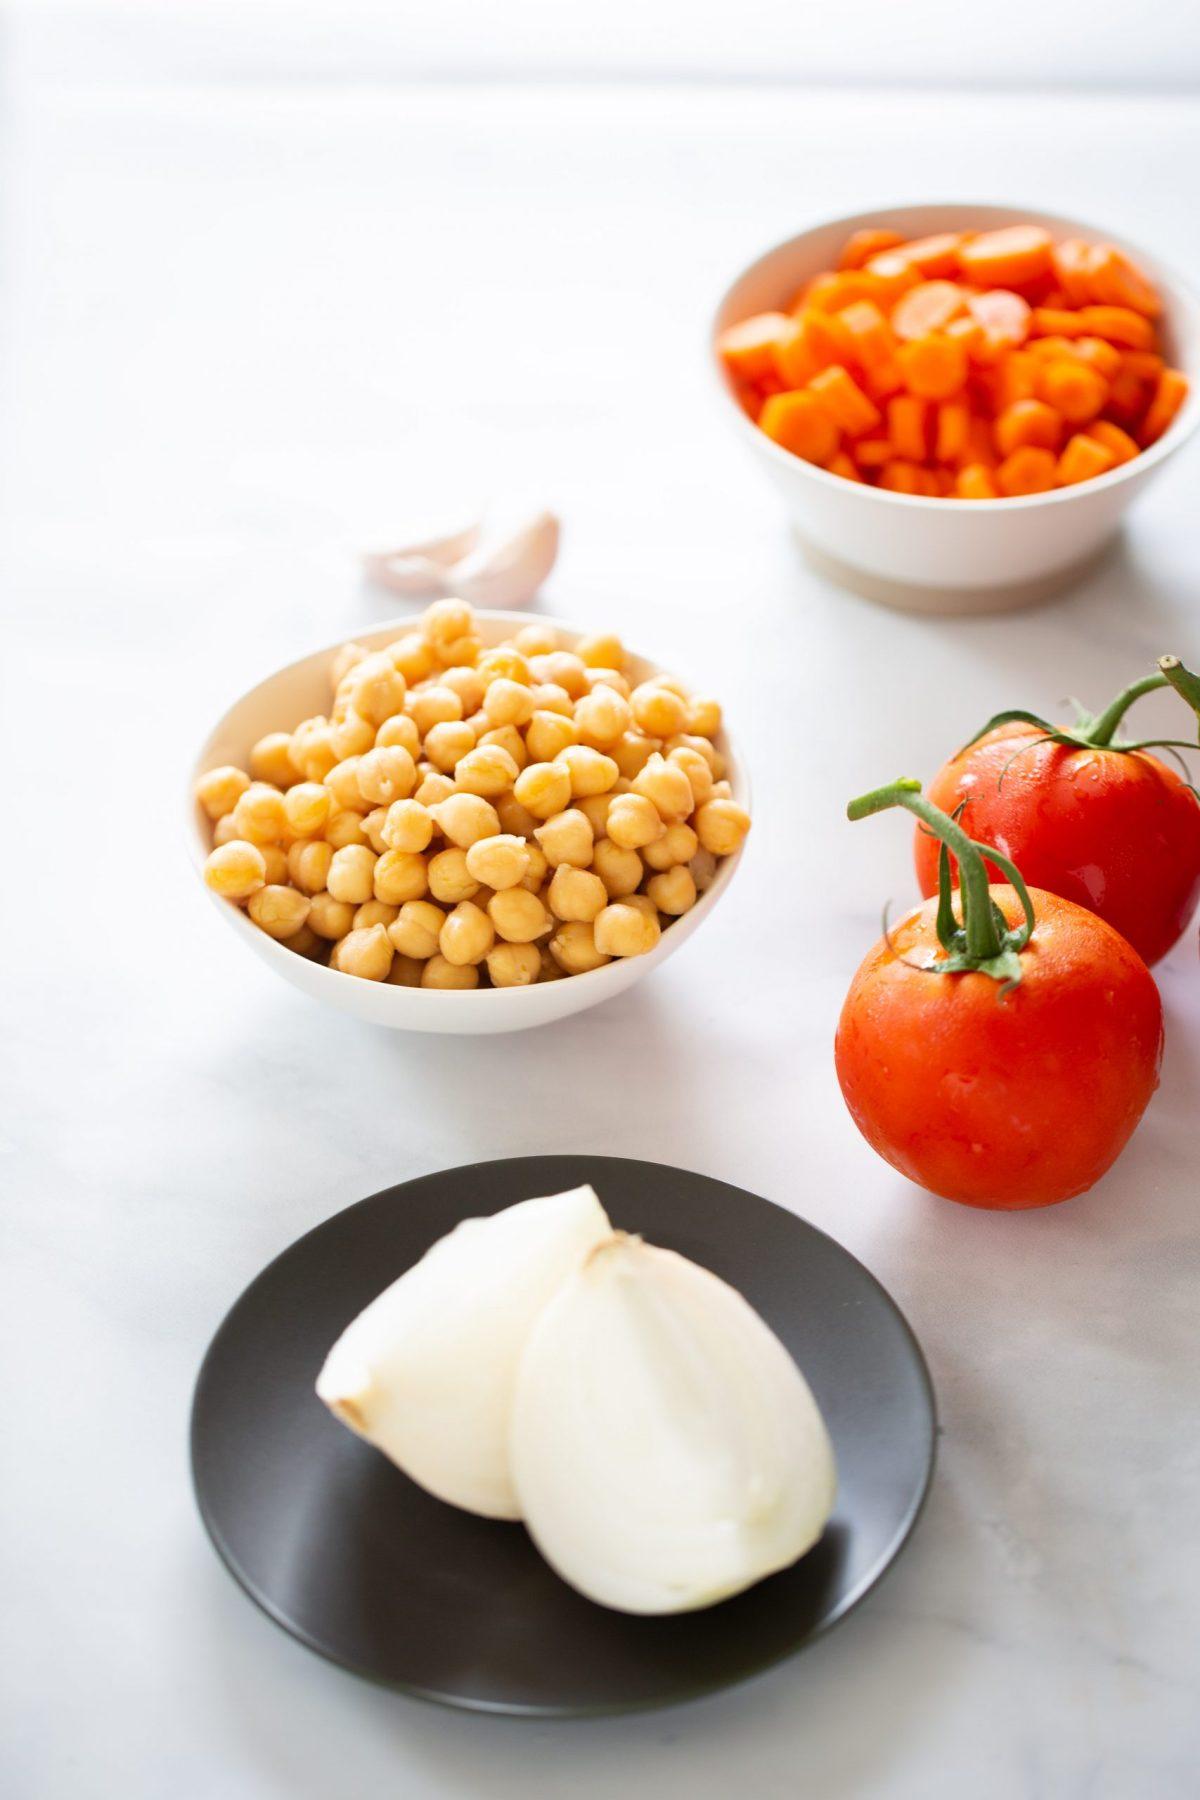 Ingredientes para hacer sopa mexicana.